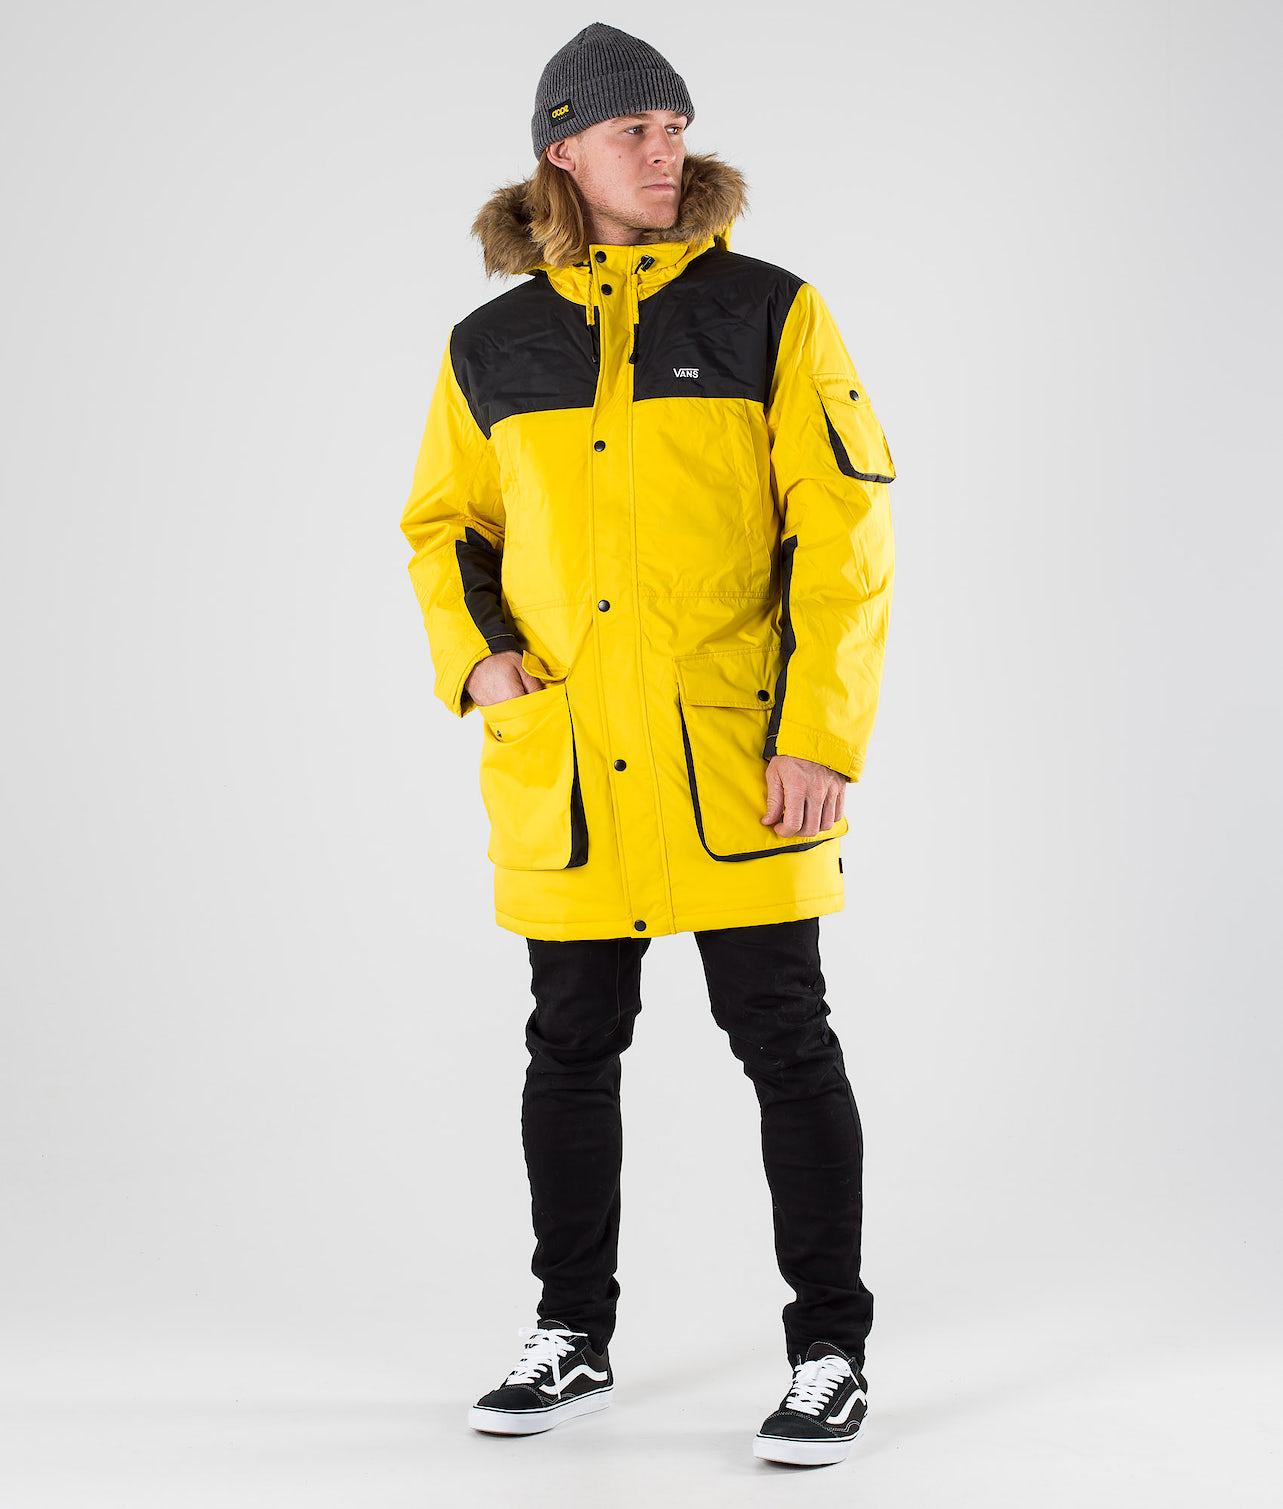 Kjøp Sholes MTE Jakke fra Vans på Ridestore.no - Hos oss har du alltid fri frakt, fri retur og 30 dagers åpent kjøp!